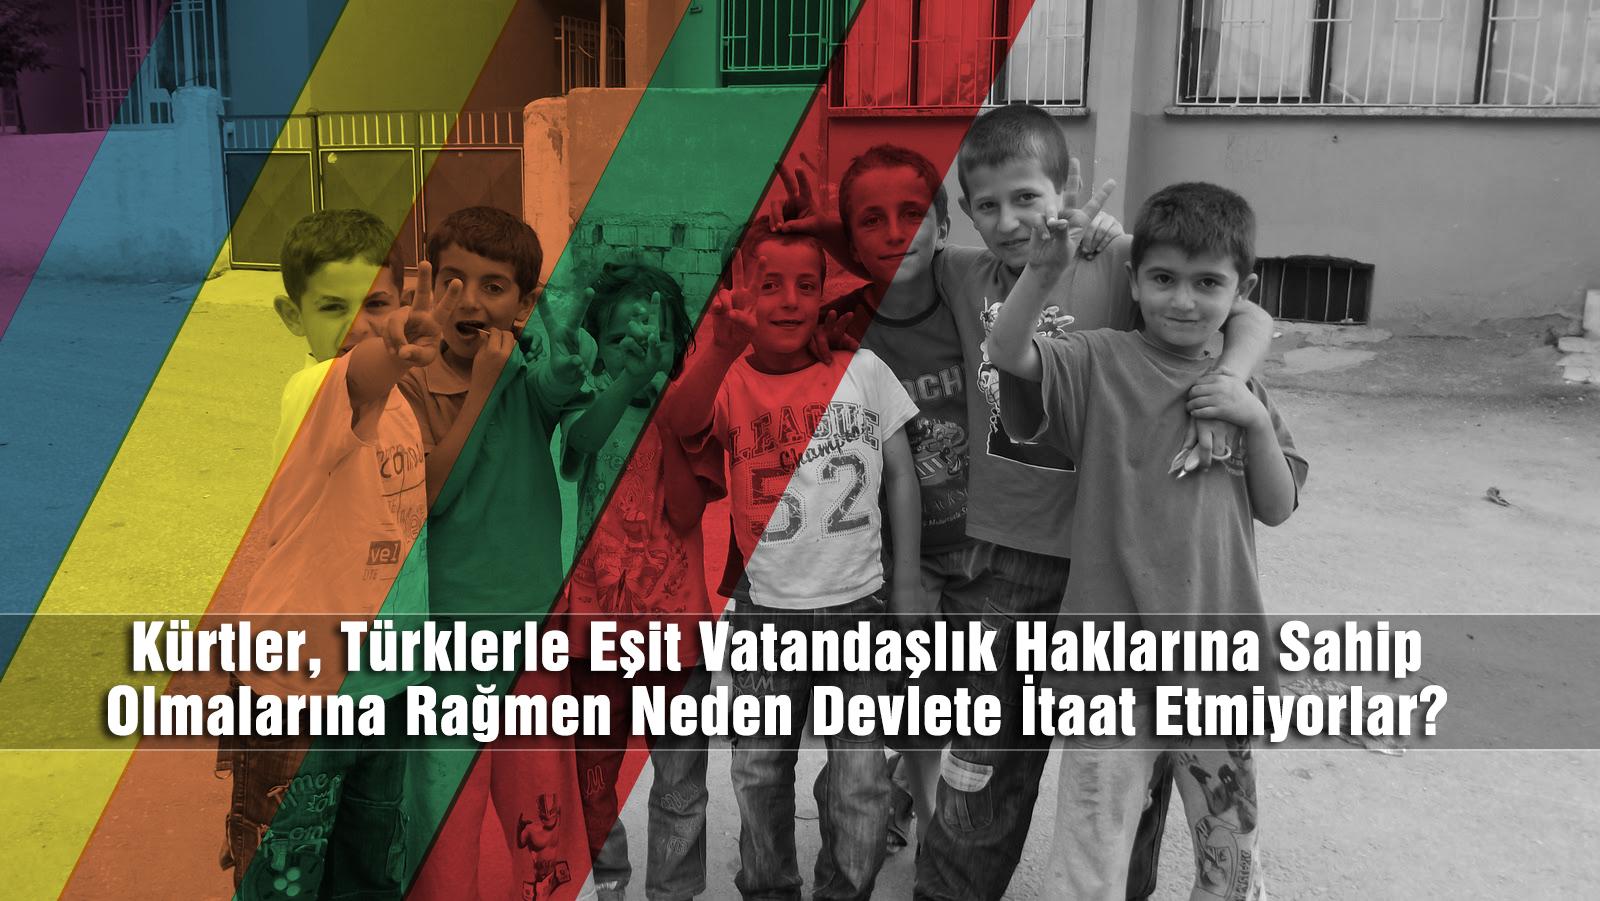 Kürtler Neden Devlete Itaat Etmiyorlar Press Haber